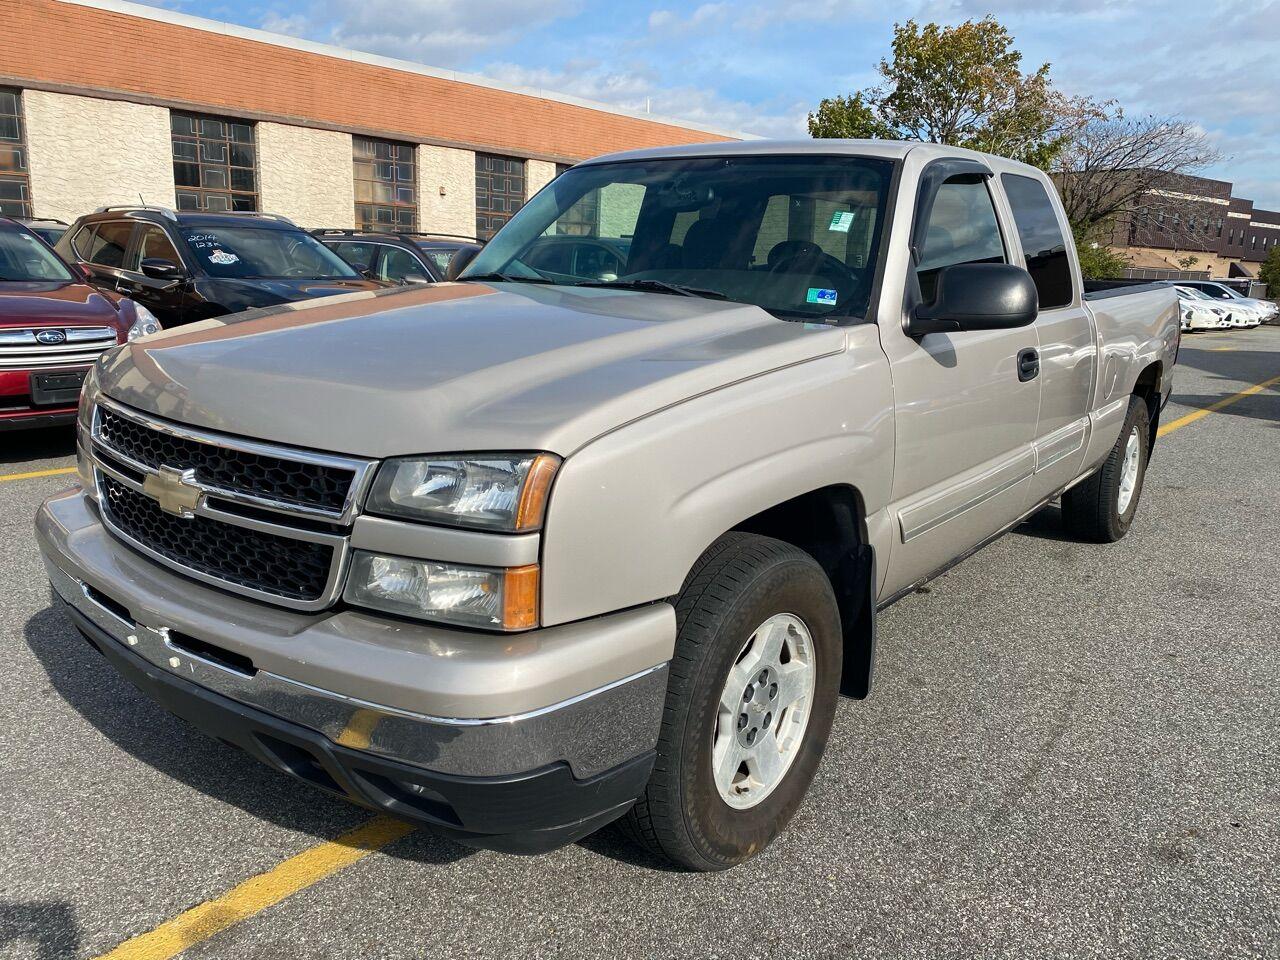 Used 2006 Chevrolet Silverado 1500 For Sale Carsforsale Com